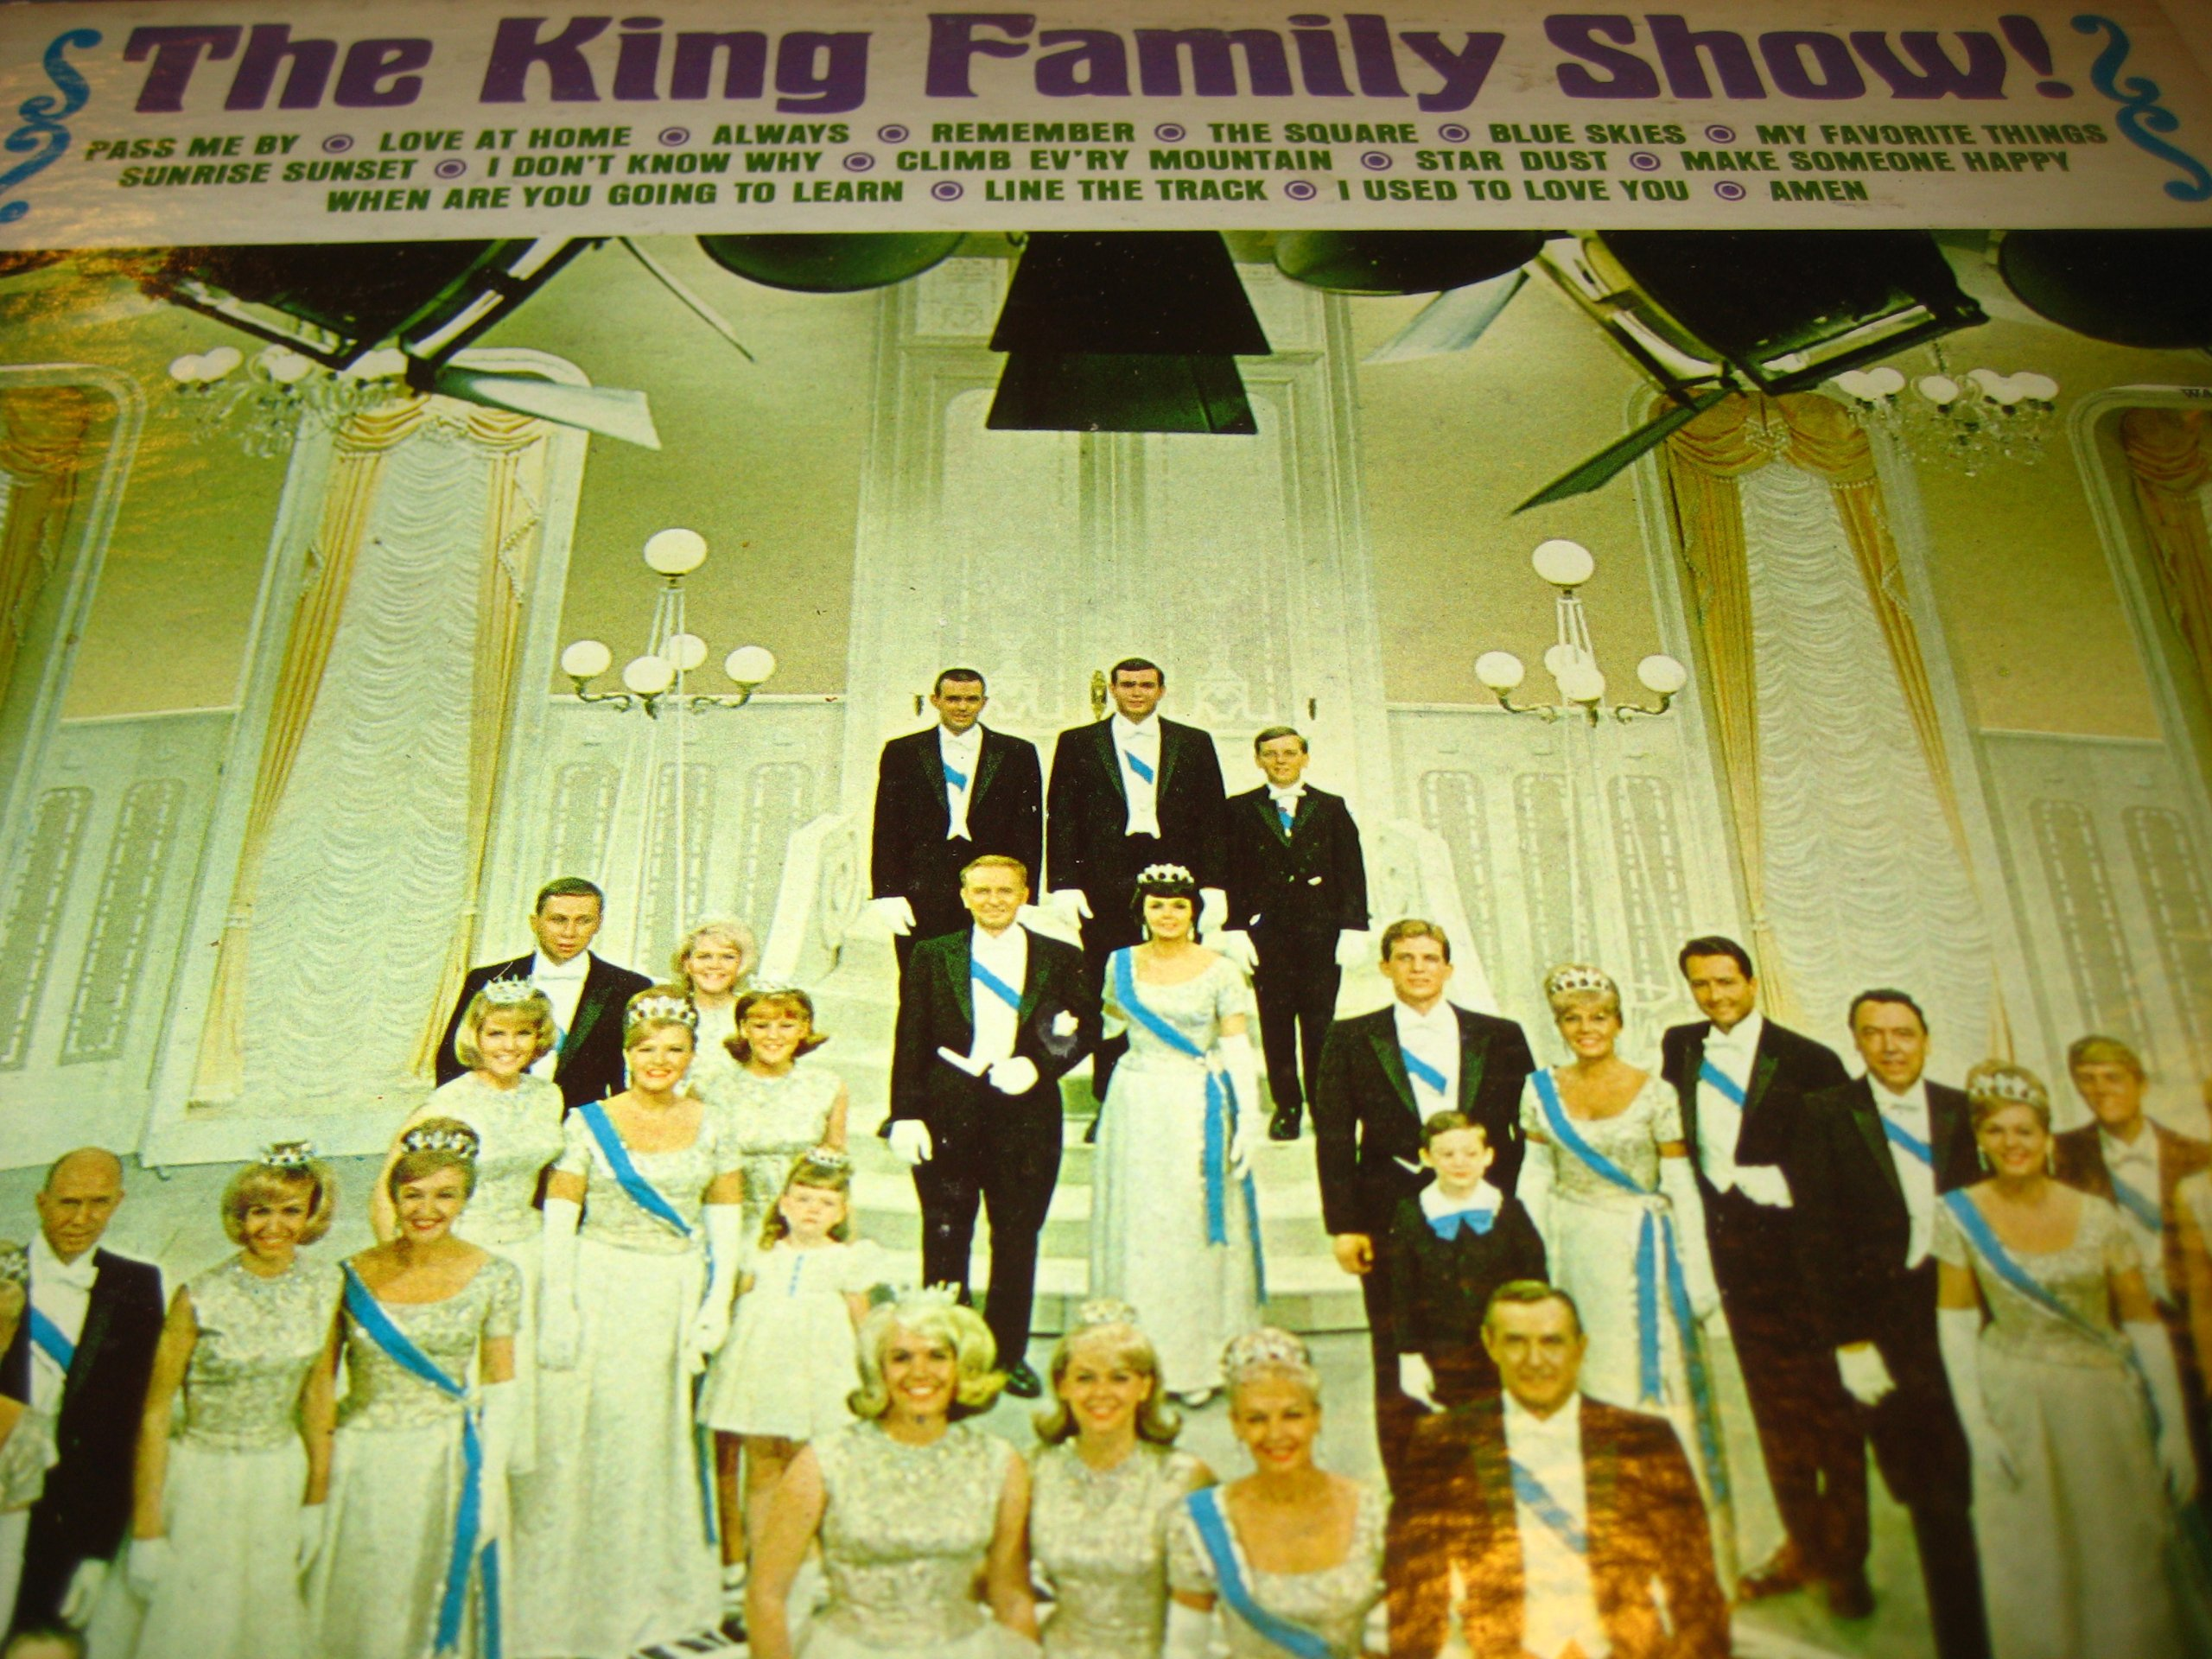 ¡El Show de la Familia Rey! Canciones del Hit ABC TV Show